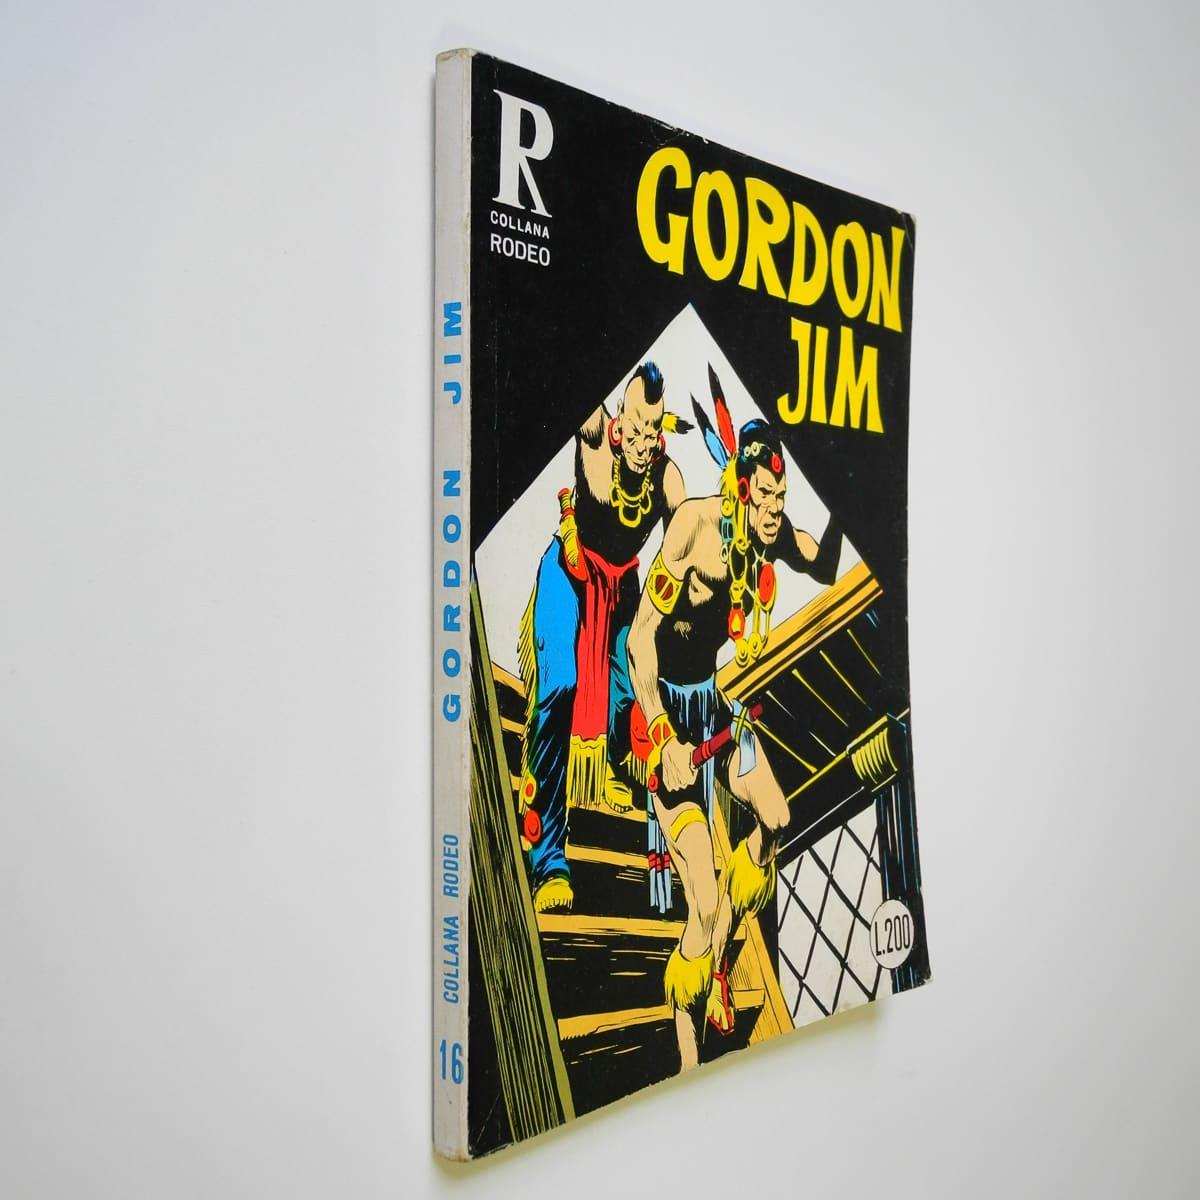 Collana Rodeo n. 16 Gordon Jim originale